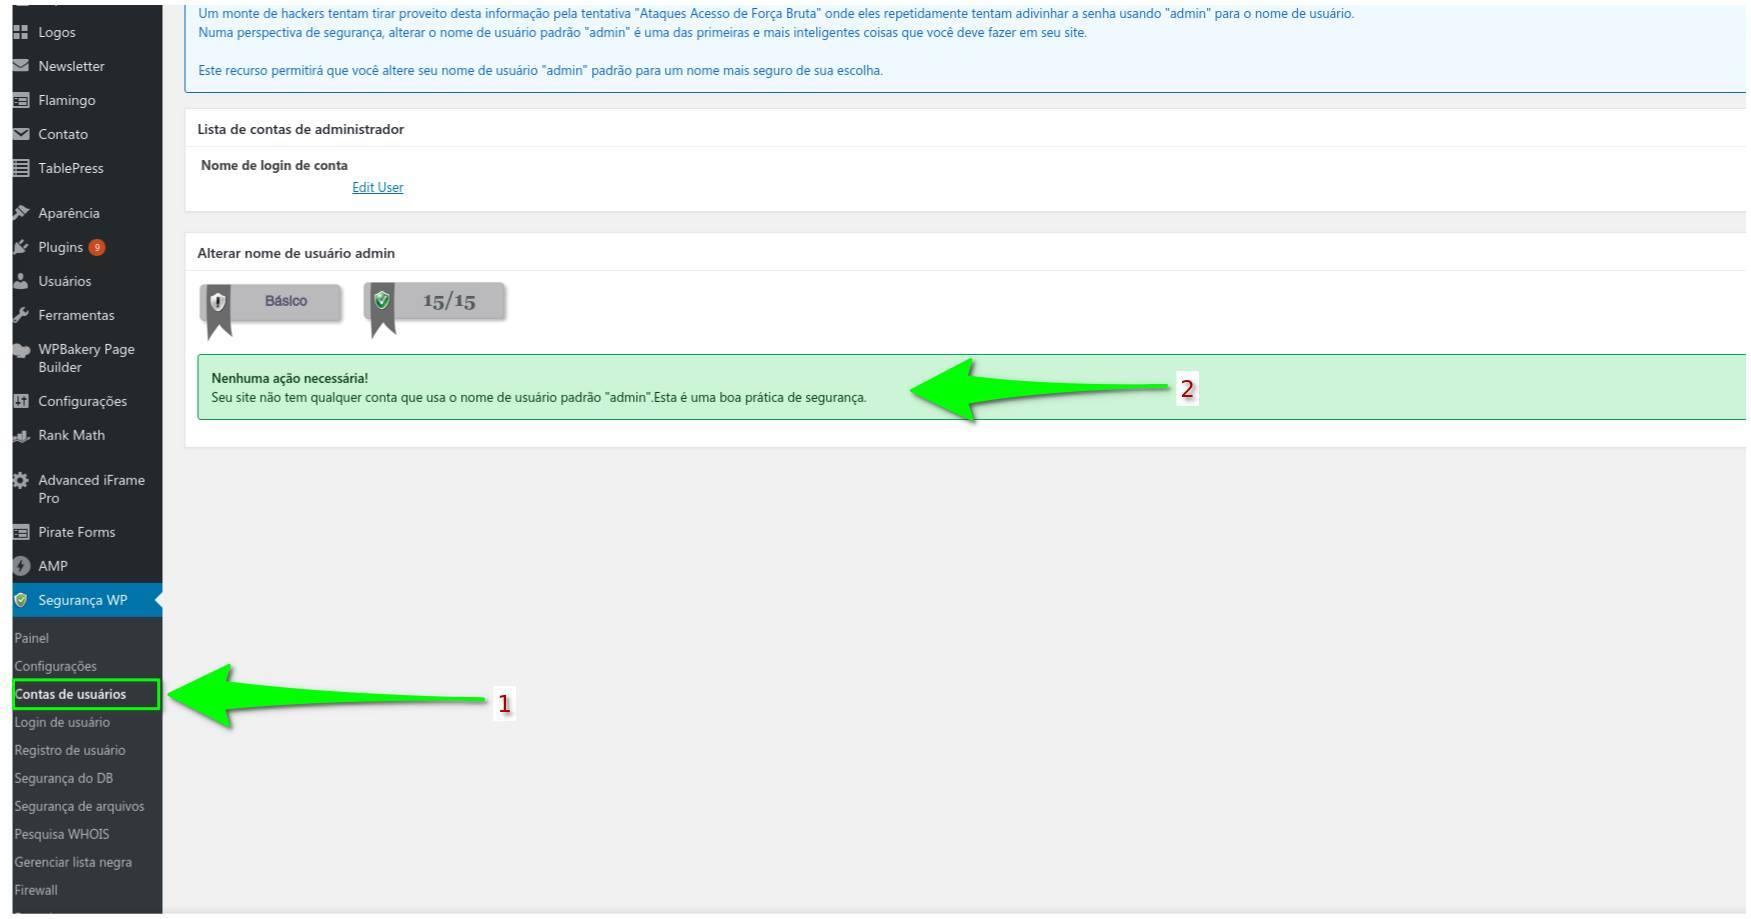 Contas de Usuários - All in One WP Security